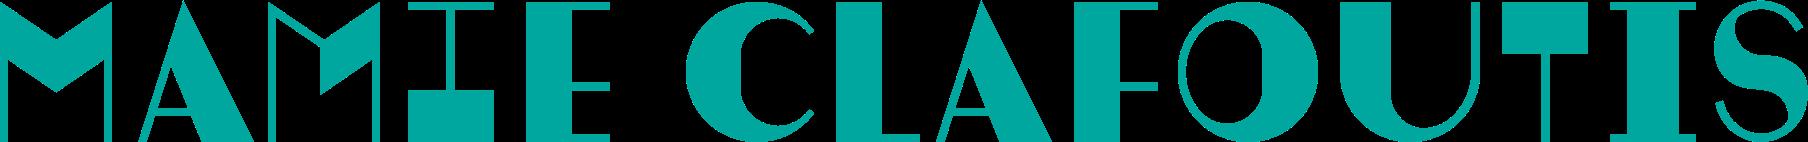 Mamie logo